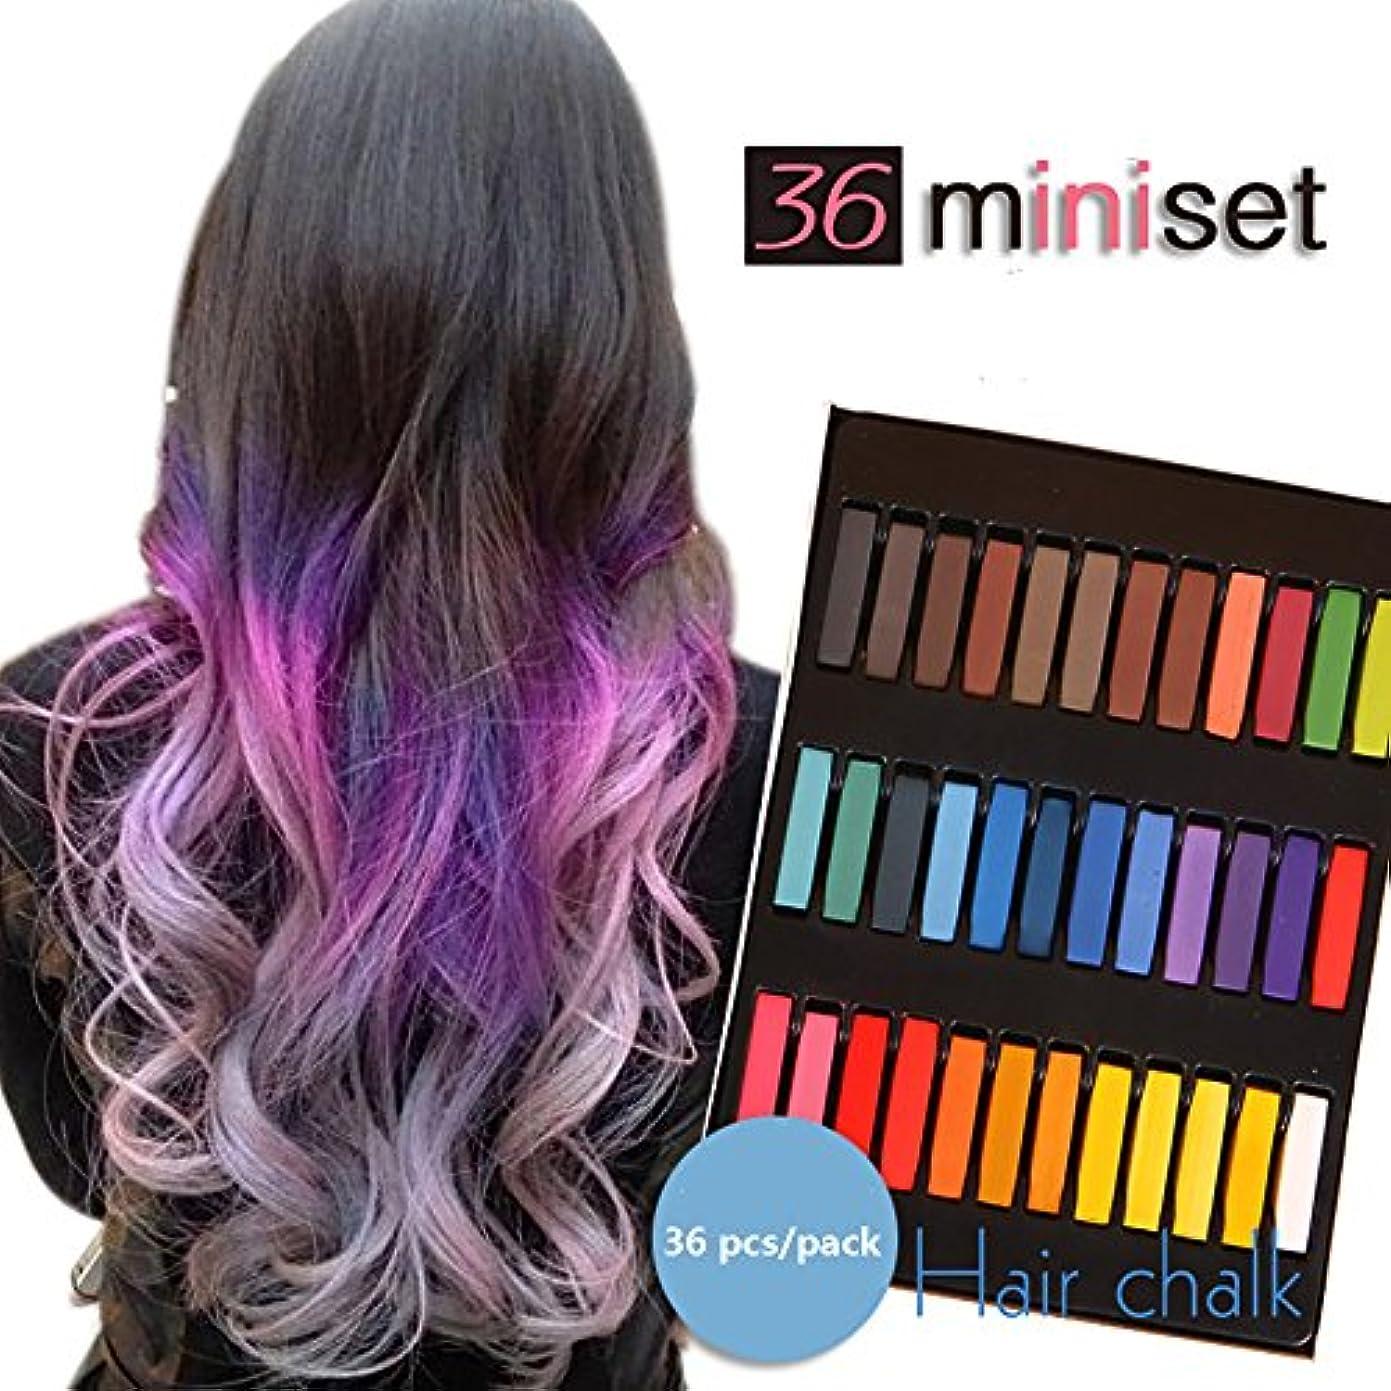 で出来ている反射日帰り旅行に大ブレイク中!HAIR CHALKIN 選べる 6色/12色/24色/36色 髪専用に開発された安心商品! ヘアチョーク ヘアカラーチョーク 一日だけのヘアカラーでイメチェンが楽しめる!美容室のヘアカラーでは表現しづらい...